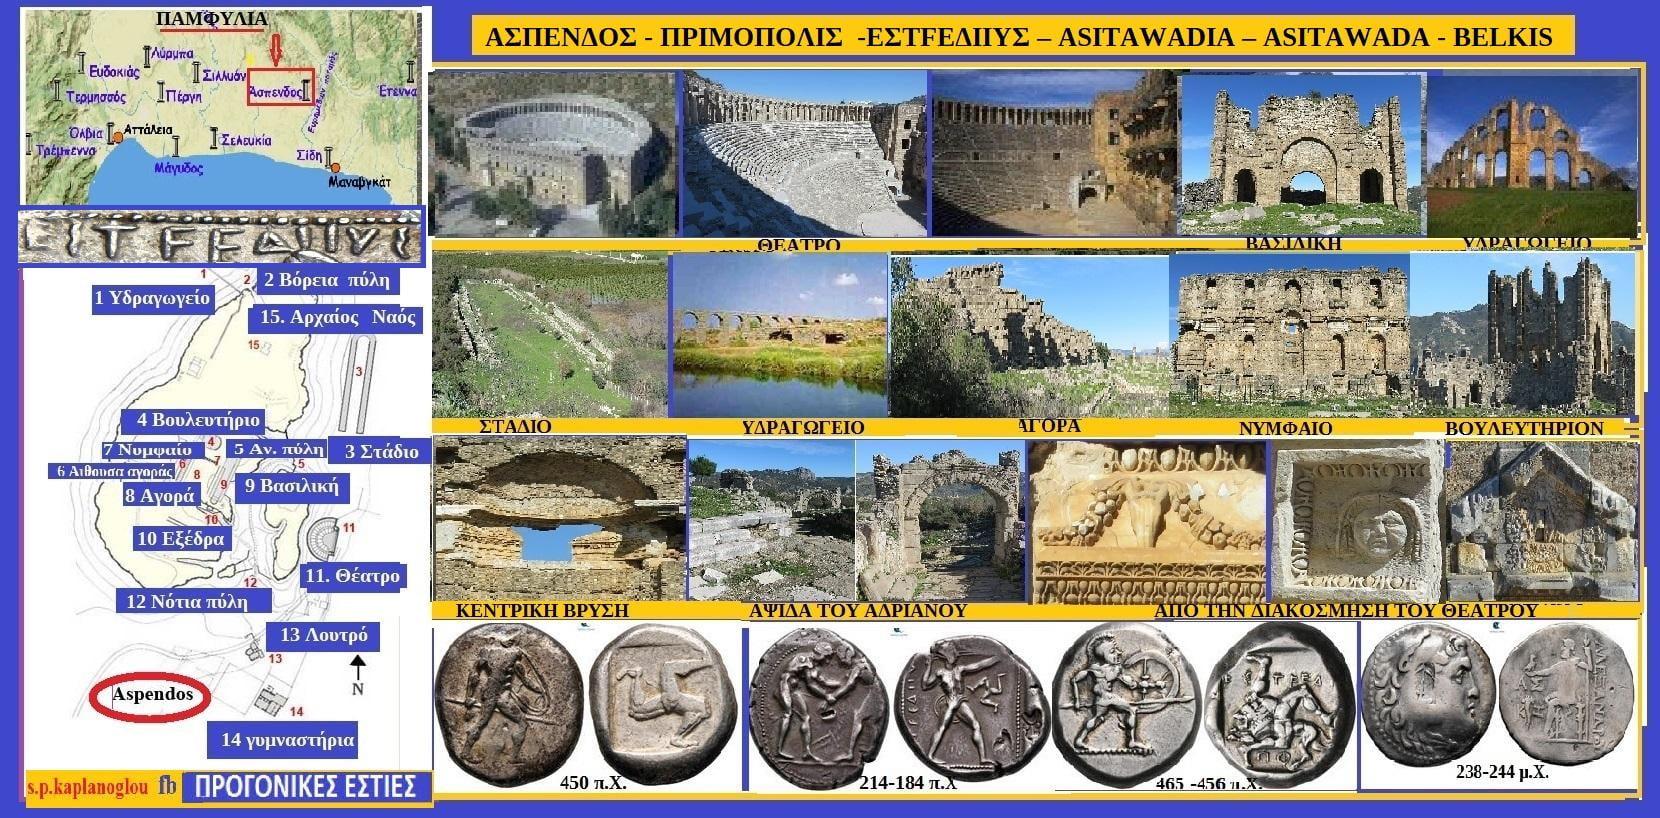 ΑΣΠΕΝΔΟΣ - ΠΡΙΜΟΠΟΛΙΣ -ΕΣΤFΕΔΙΙΥΣ – ASITAWADIA – ASITAWADA - BELKIS (Η πόλη με το καλλίτερο διατηρούμενο αρχαιοελληνικό θέατρο στον κόσμο). Σταύρου Π. Καπλάνογλου